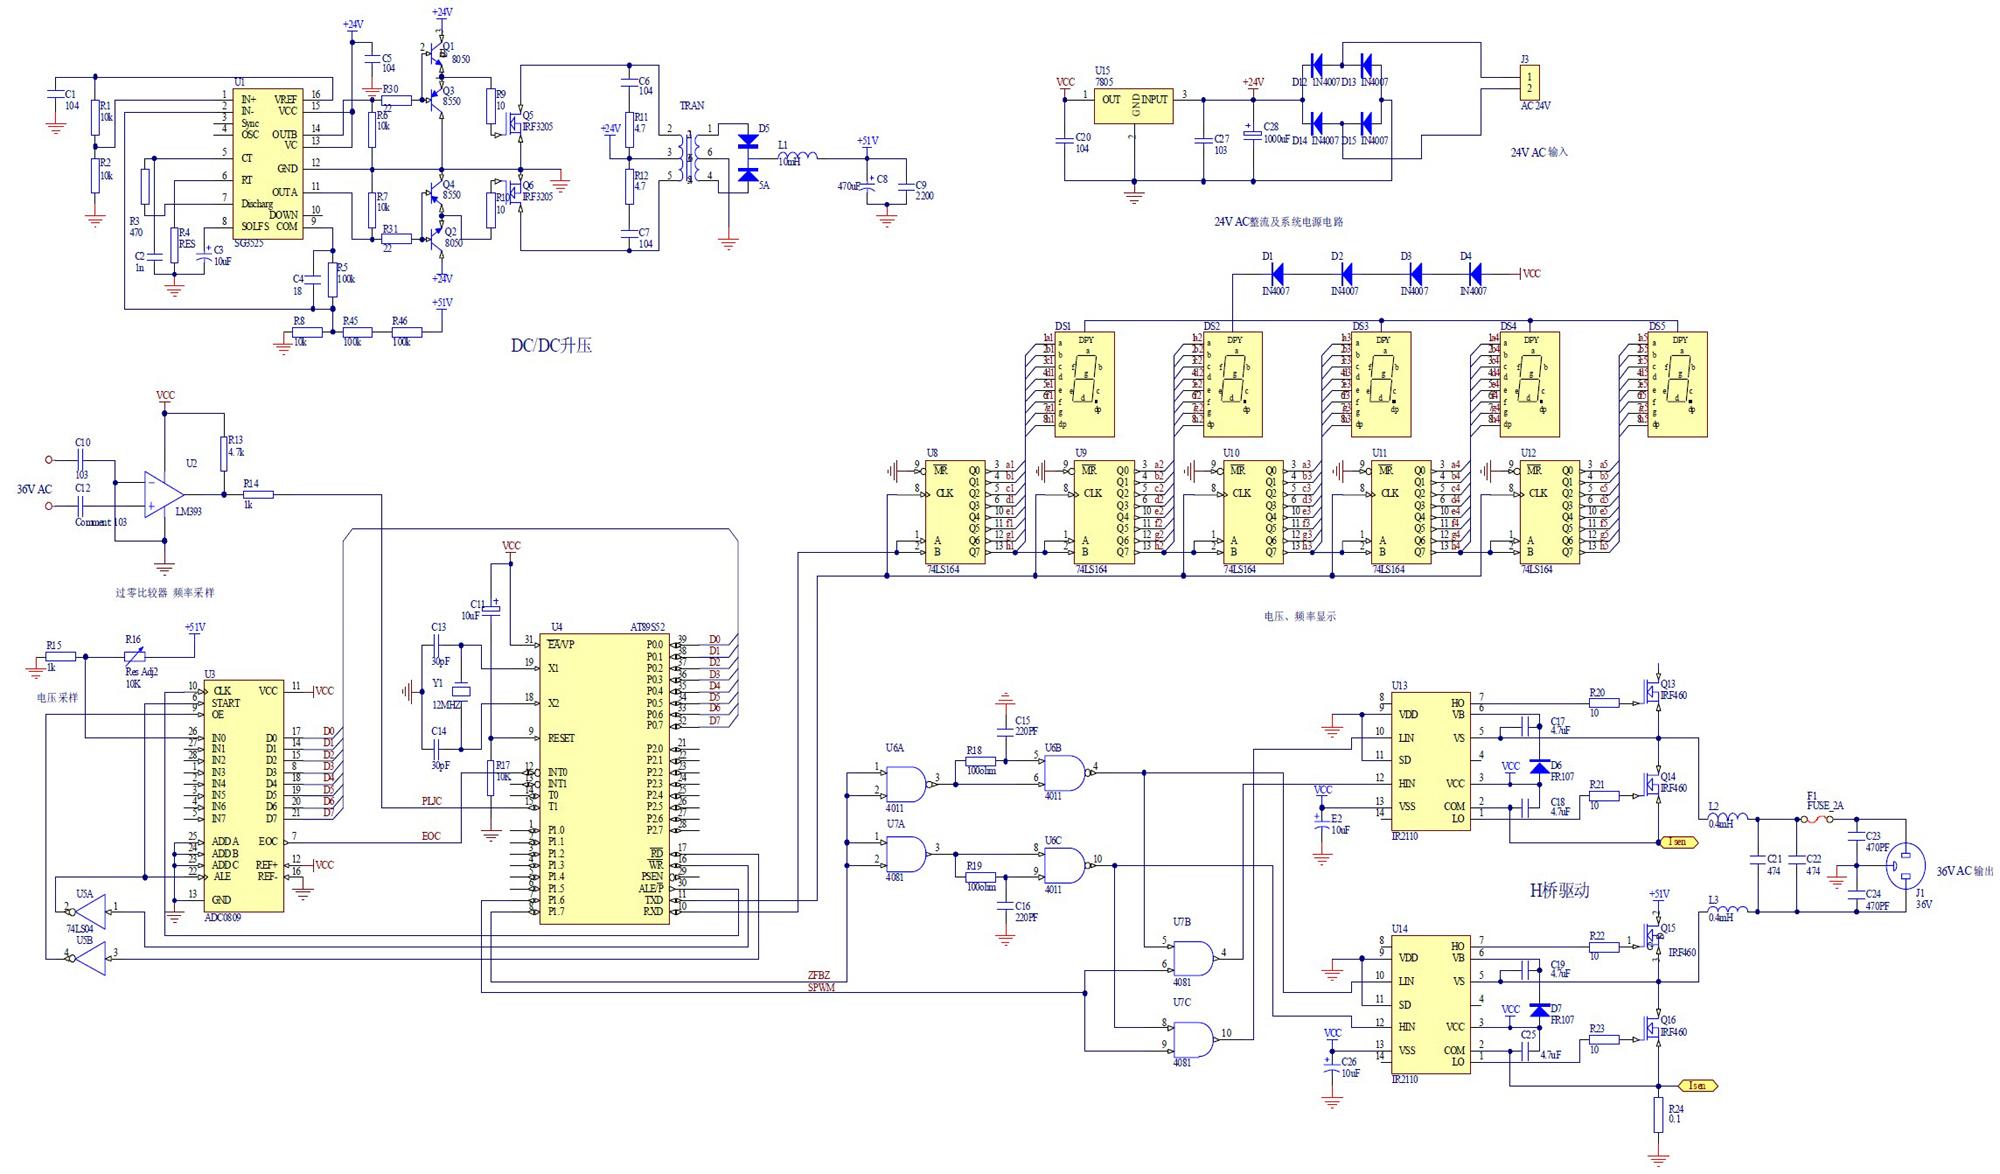 原理图中包括了单片机最小系统设计